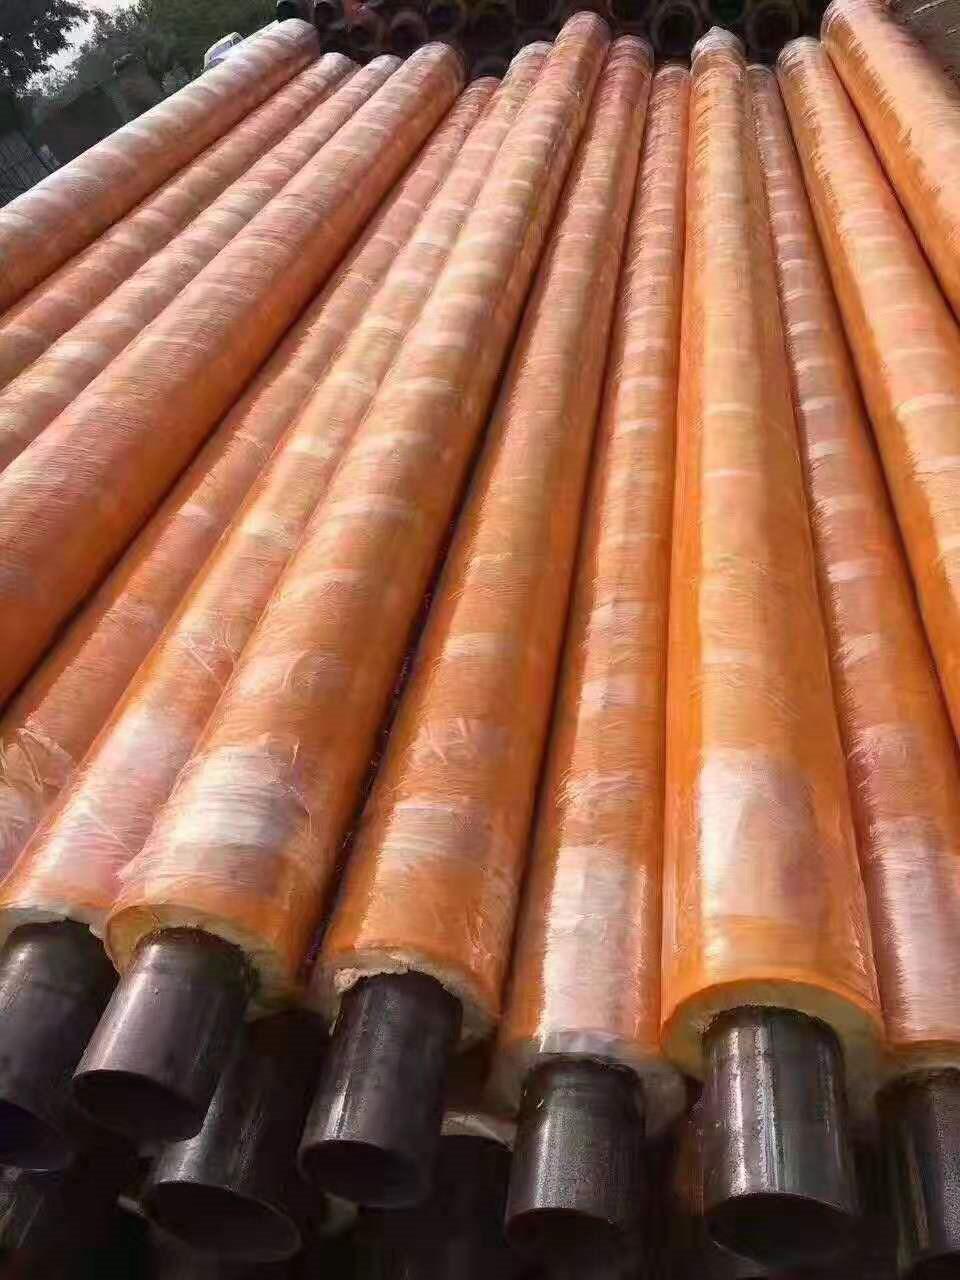 无棣聚氨酯玻璃钢保温管价格厂家品牌品质见证